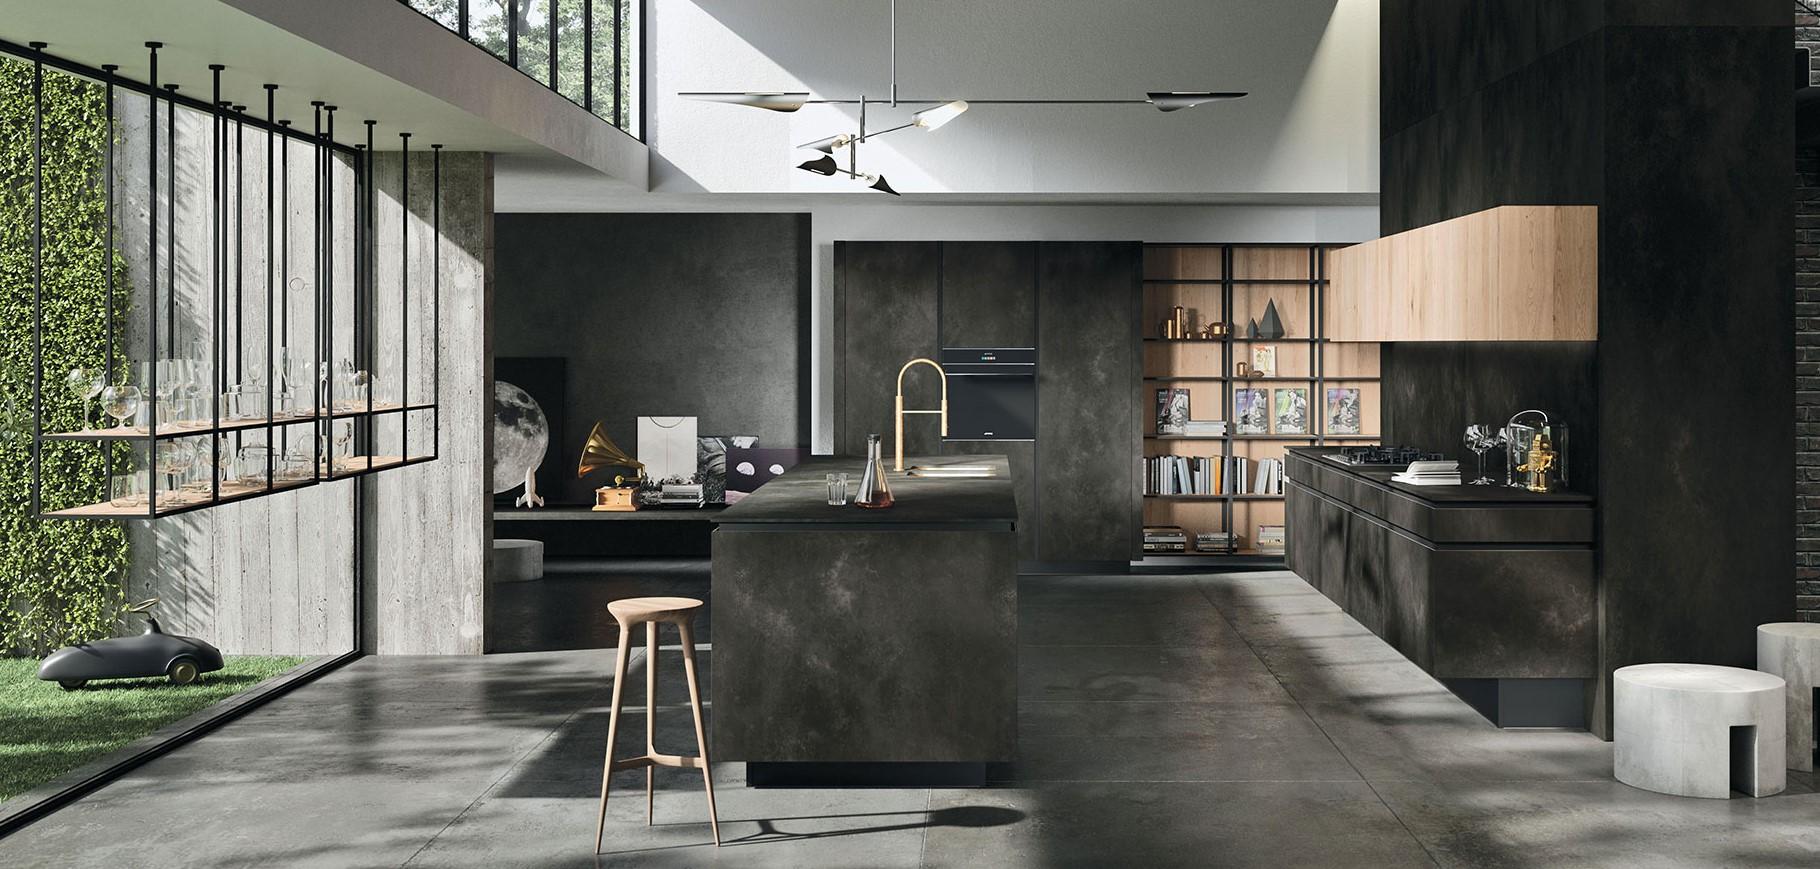 Cucine di design un viaggio tra stili e nuovi materiali